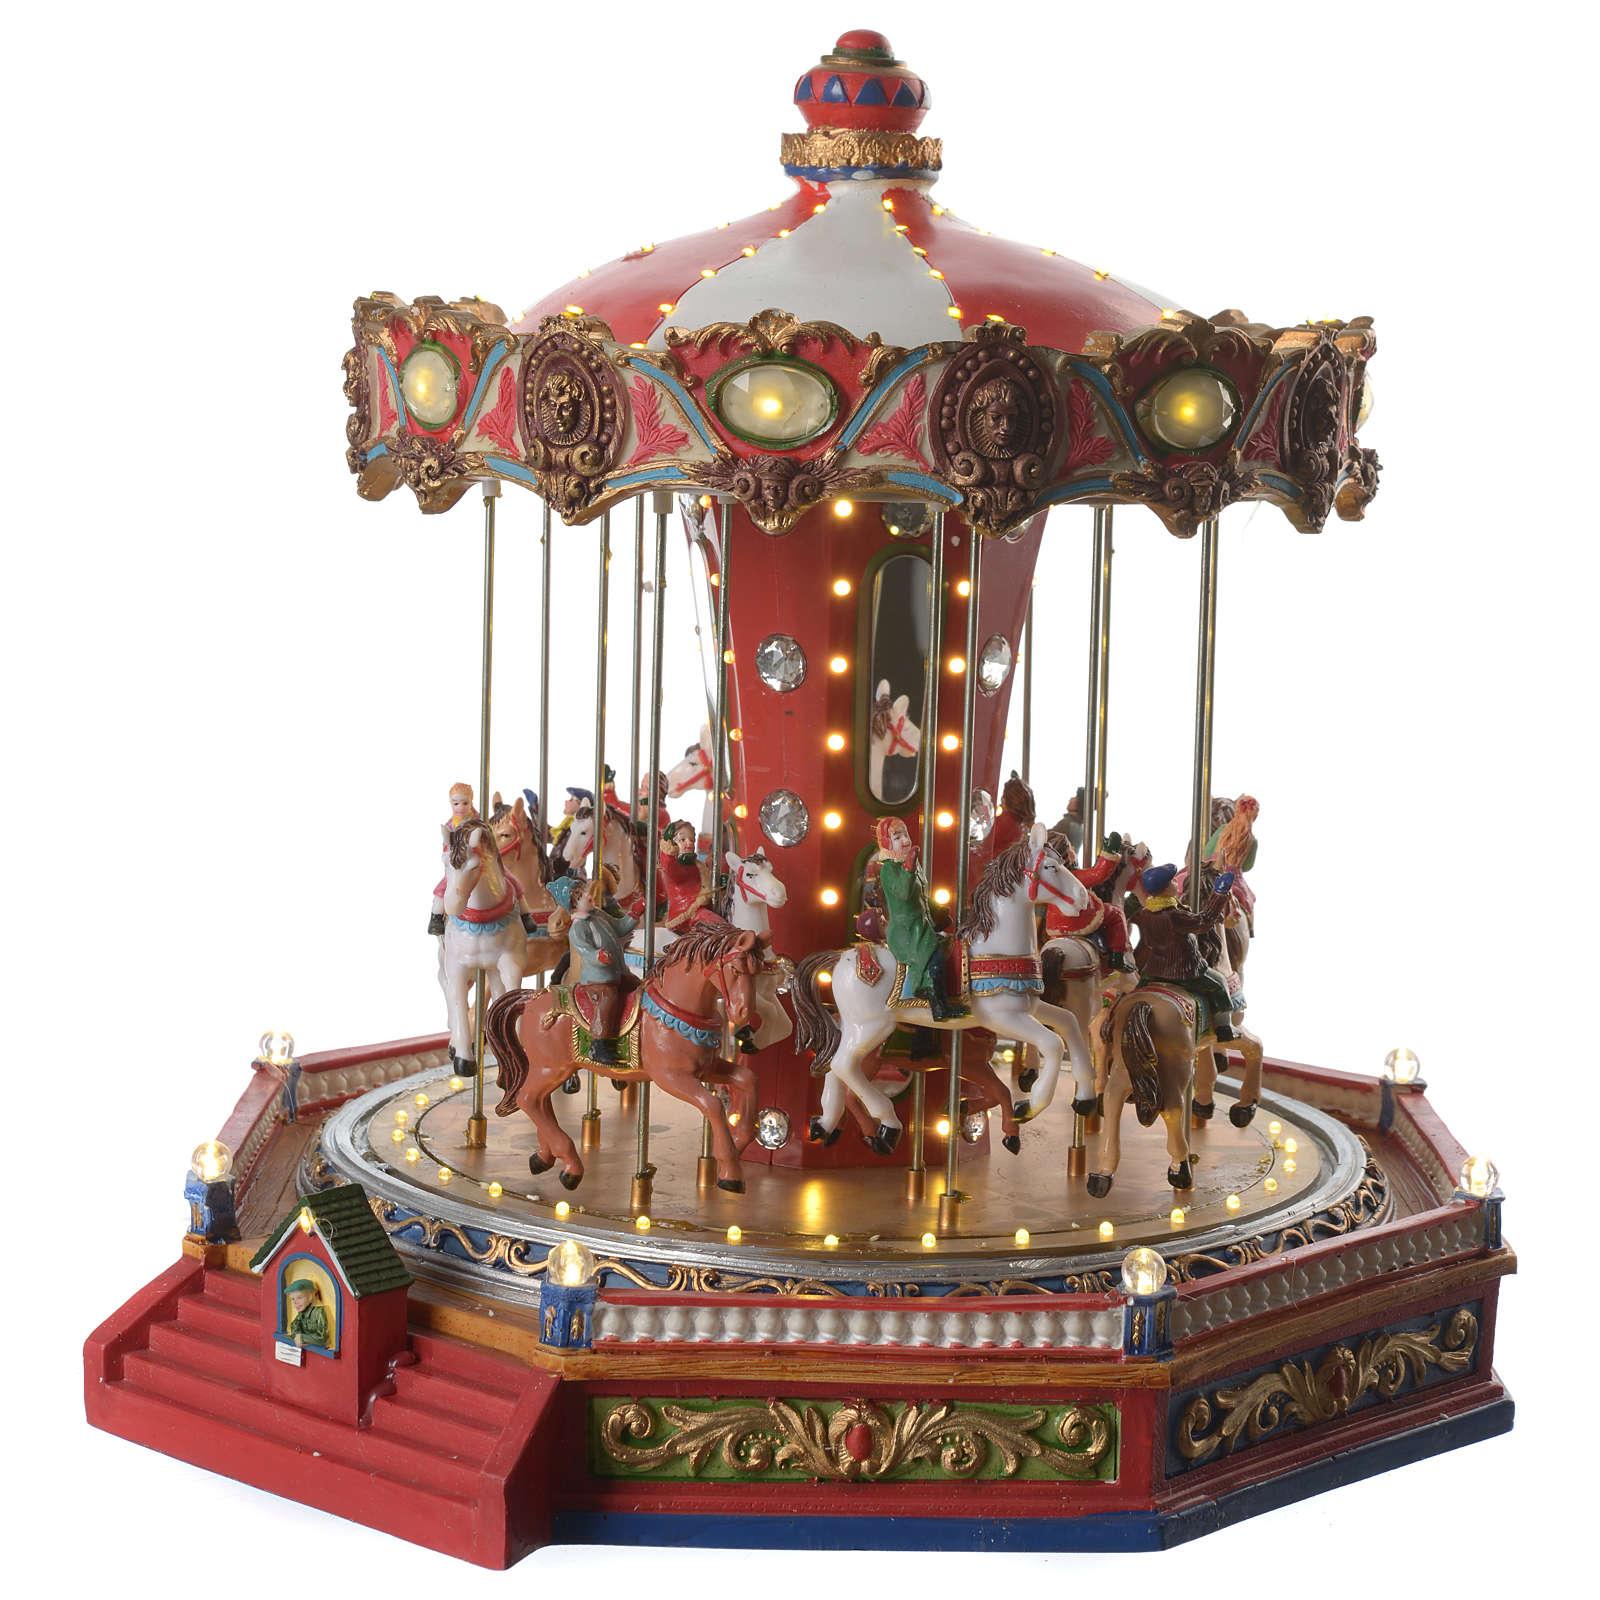 Weihnachts-Pferdekarussel 35x35x35cm mit Licht und Bewegung 3